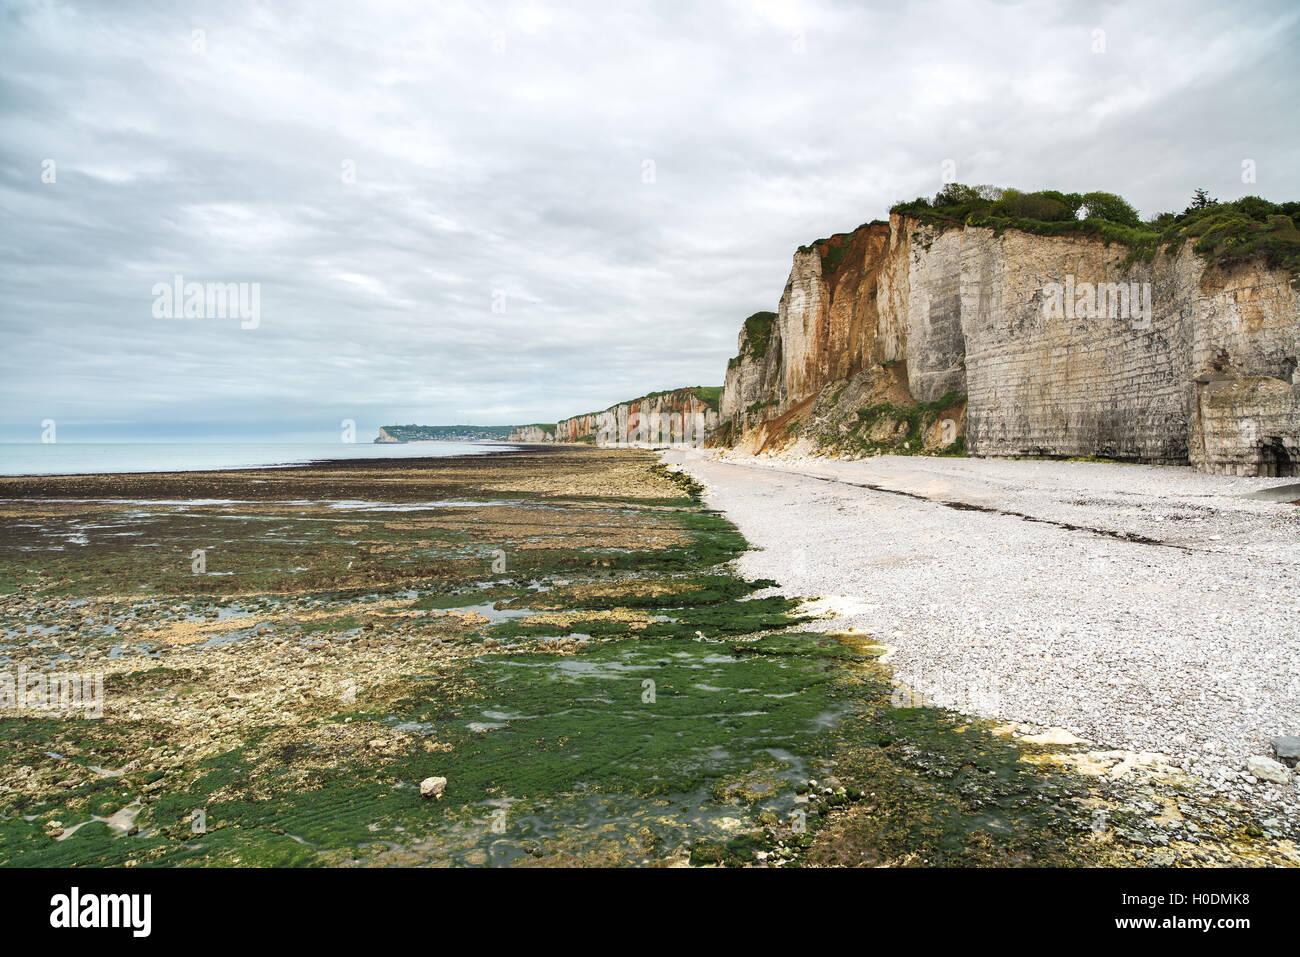 Yport y Fecamp, Normandía. Playa, acantilados y rocas en marea baja mar. Francia, Europa. Foto de stock